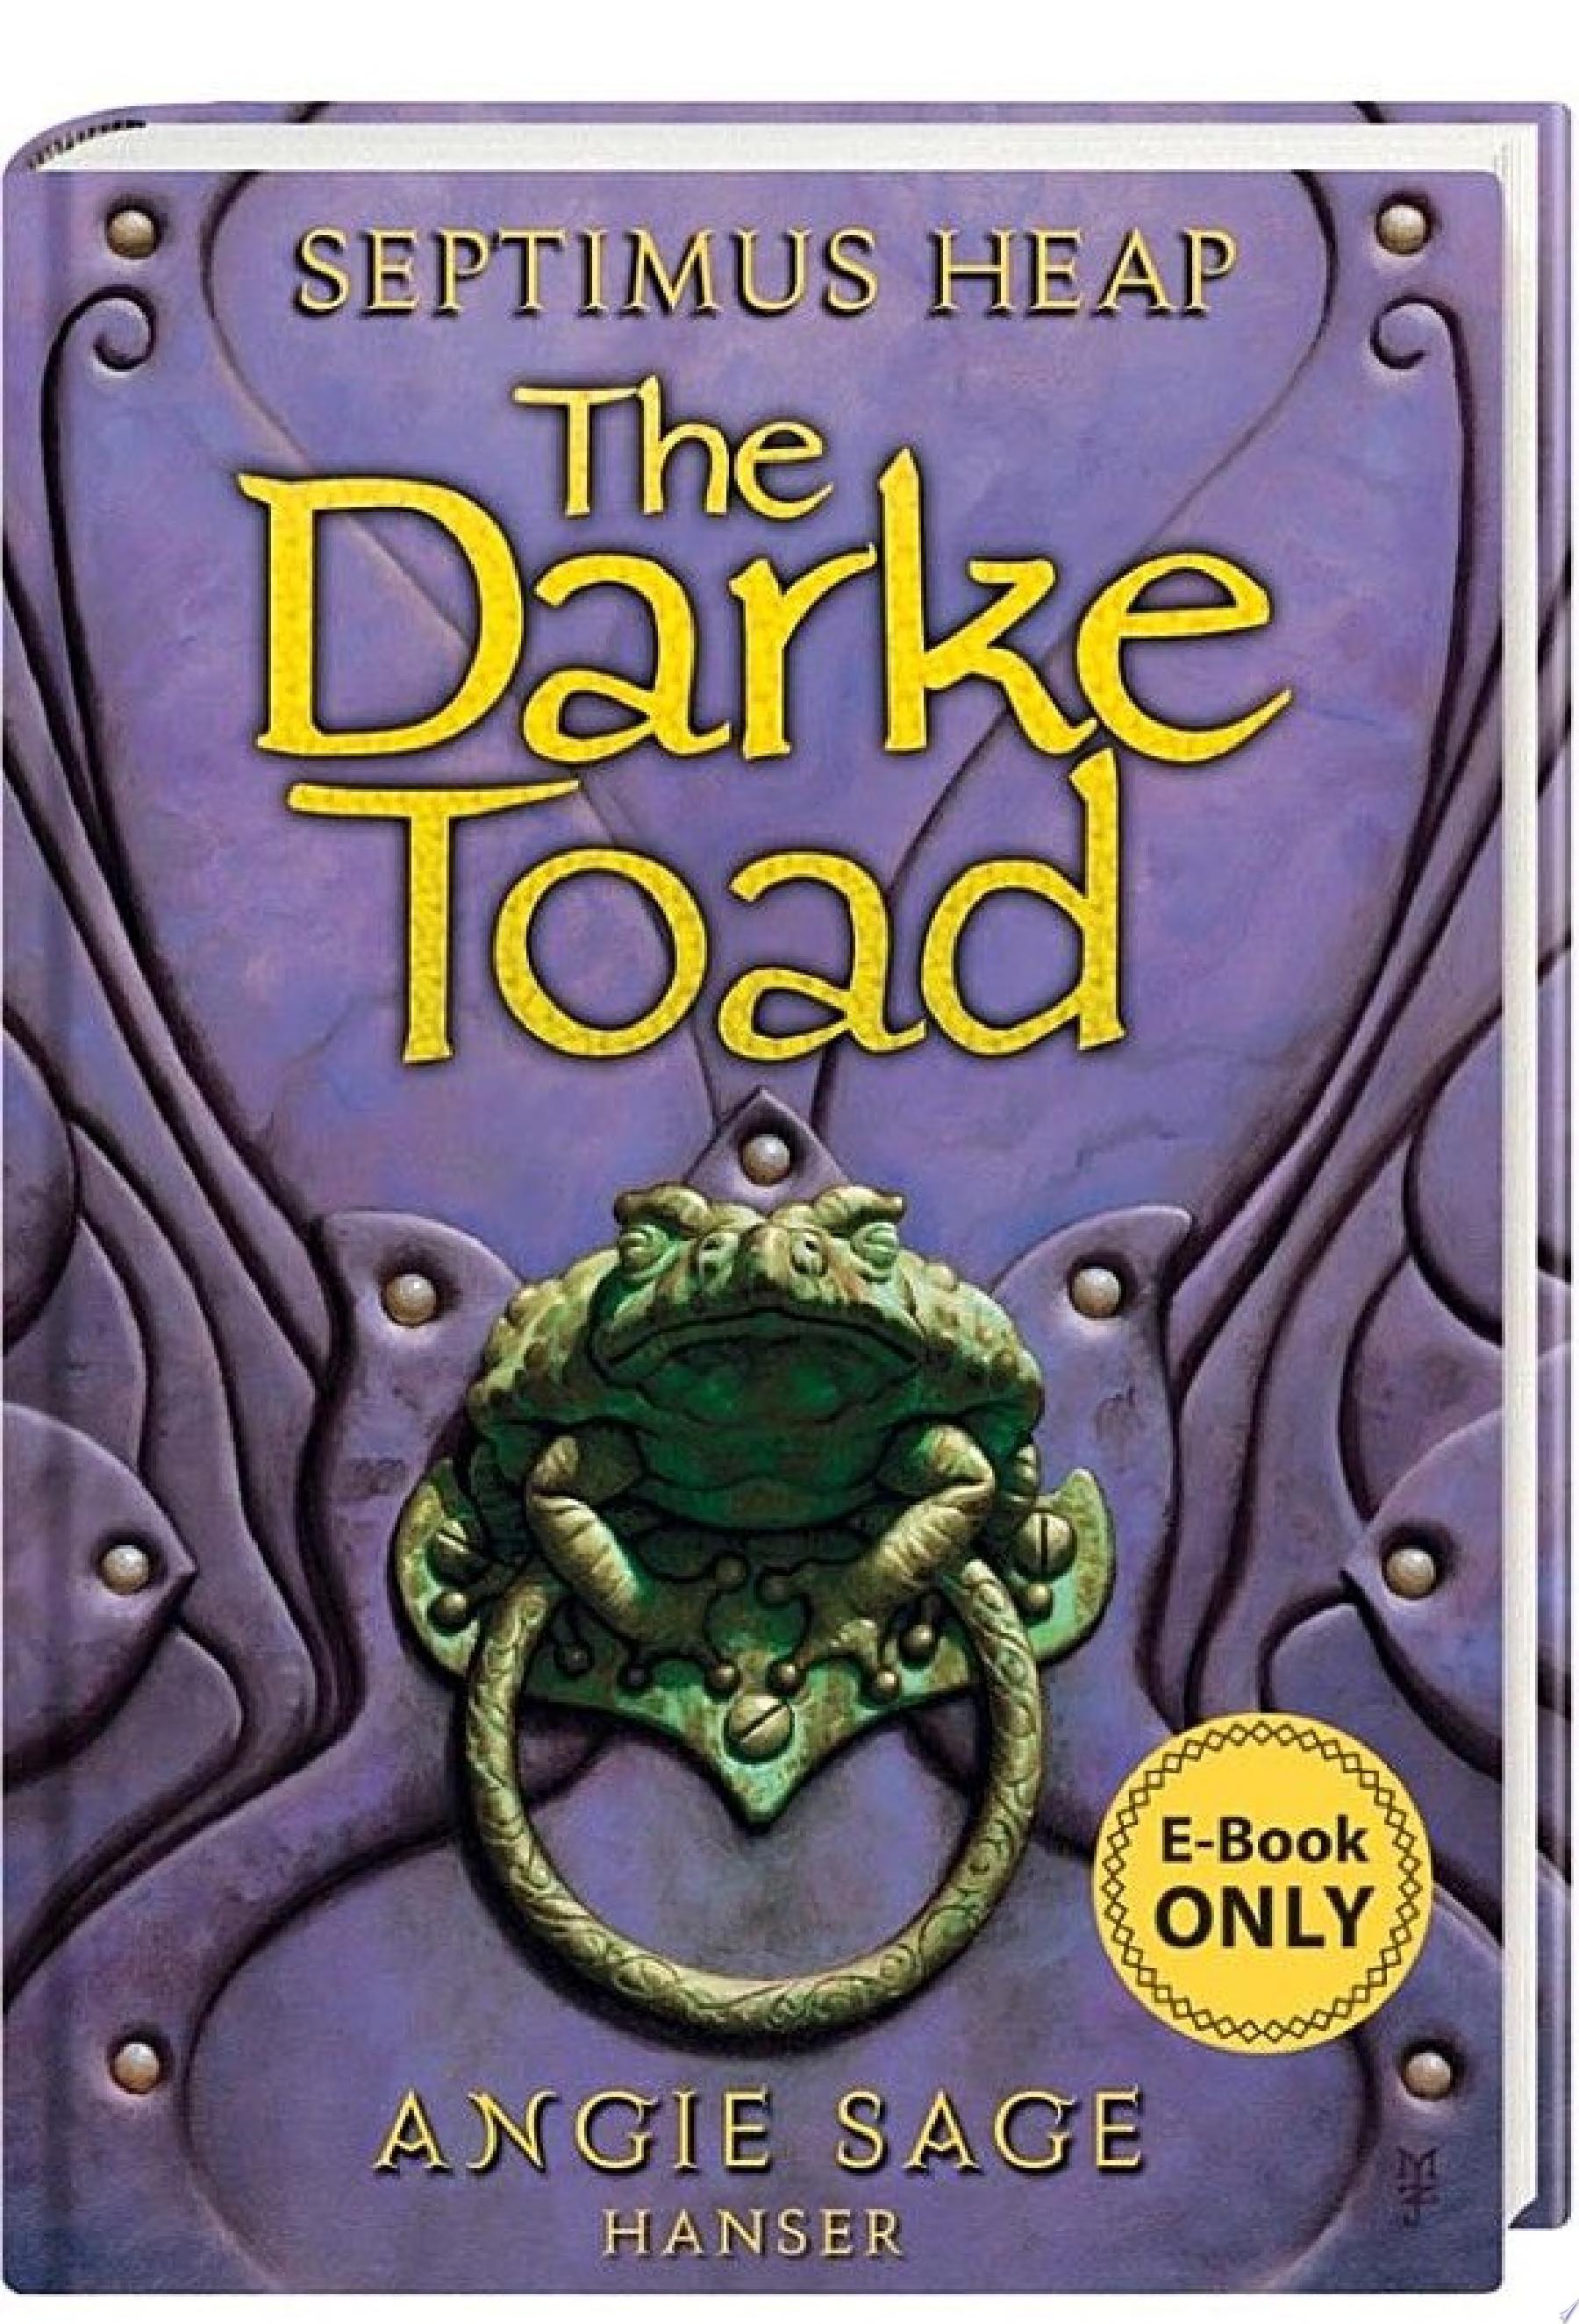 Septimus Heap  Darke Toad   Die Dunkelkr  te